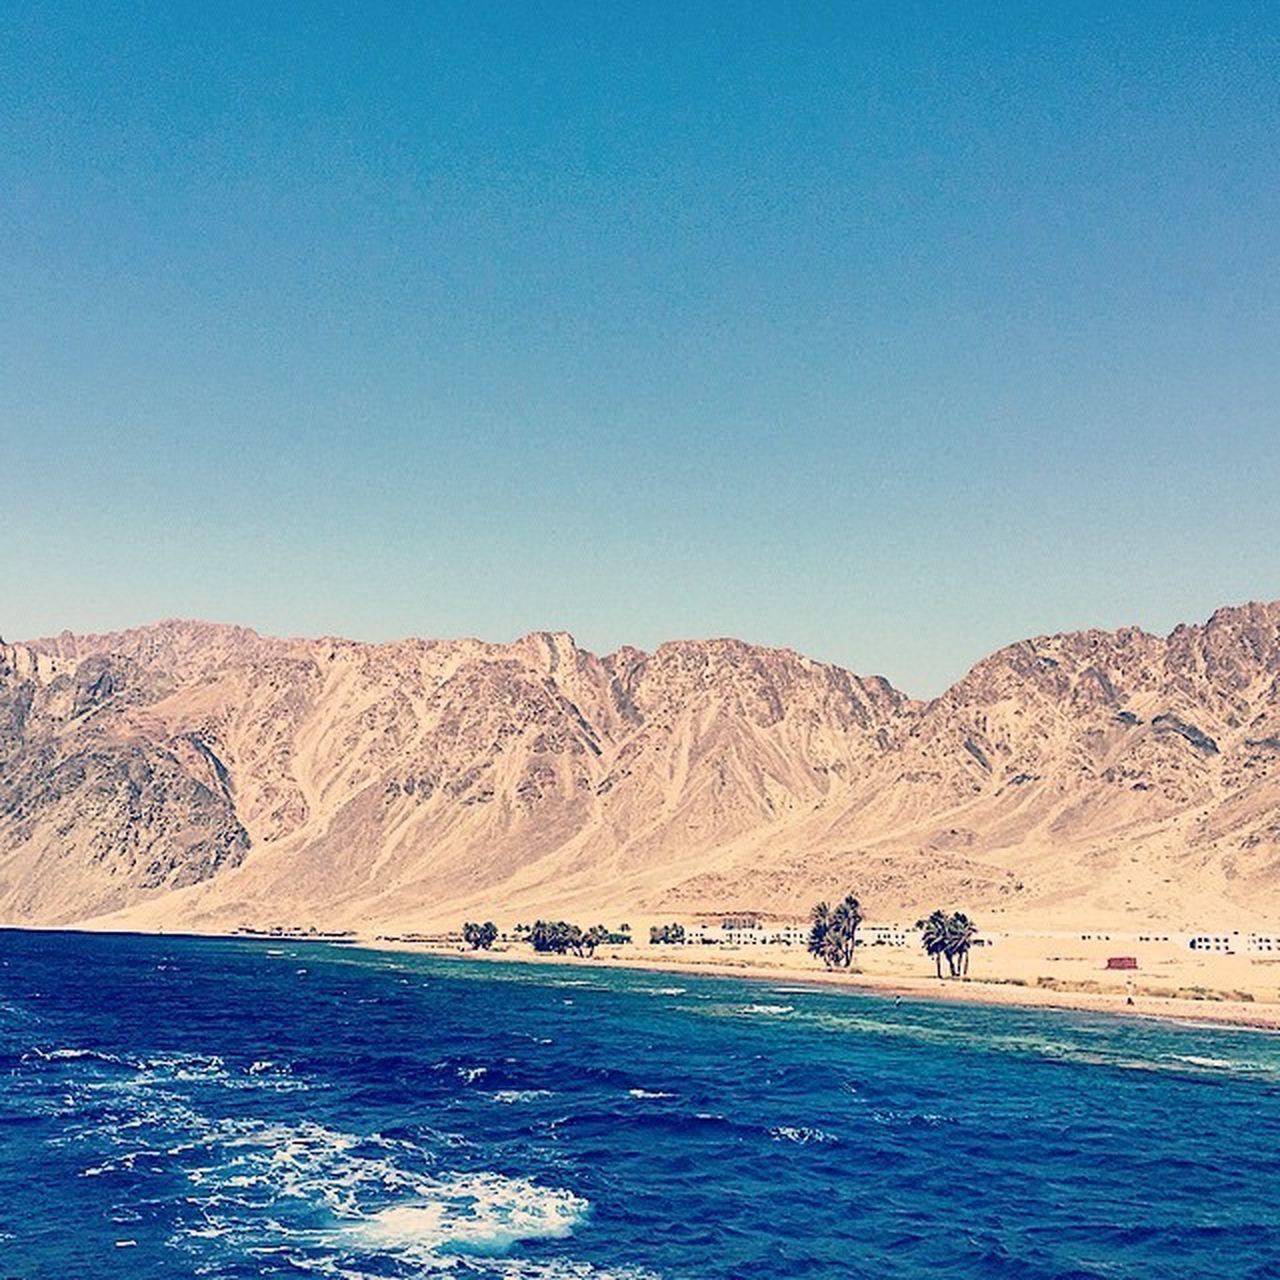 Познали все прелести снорклинга 🏊🏽 красивыеместа Trip Море пляж египет дахаб отпуск отдыхаем Relax Holidays яхта снорклинг